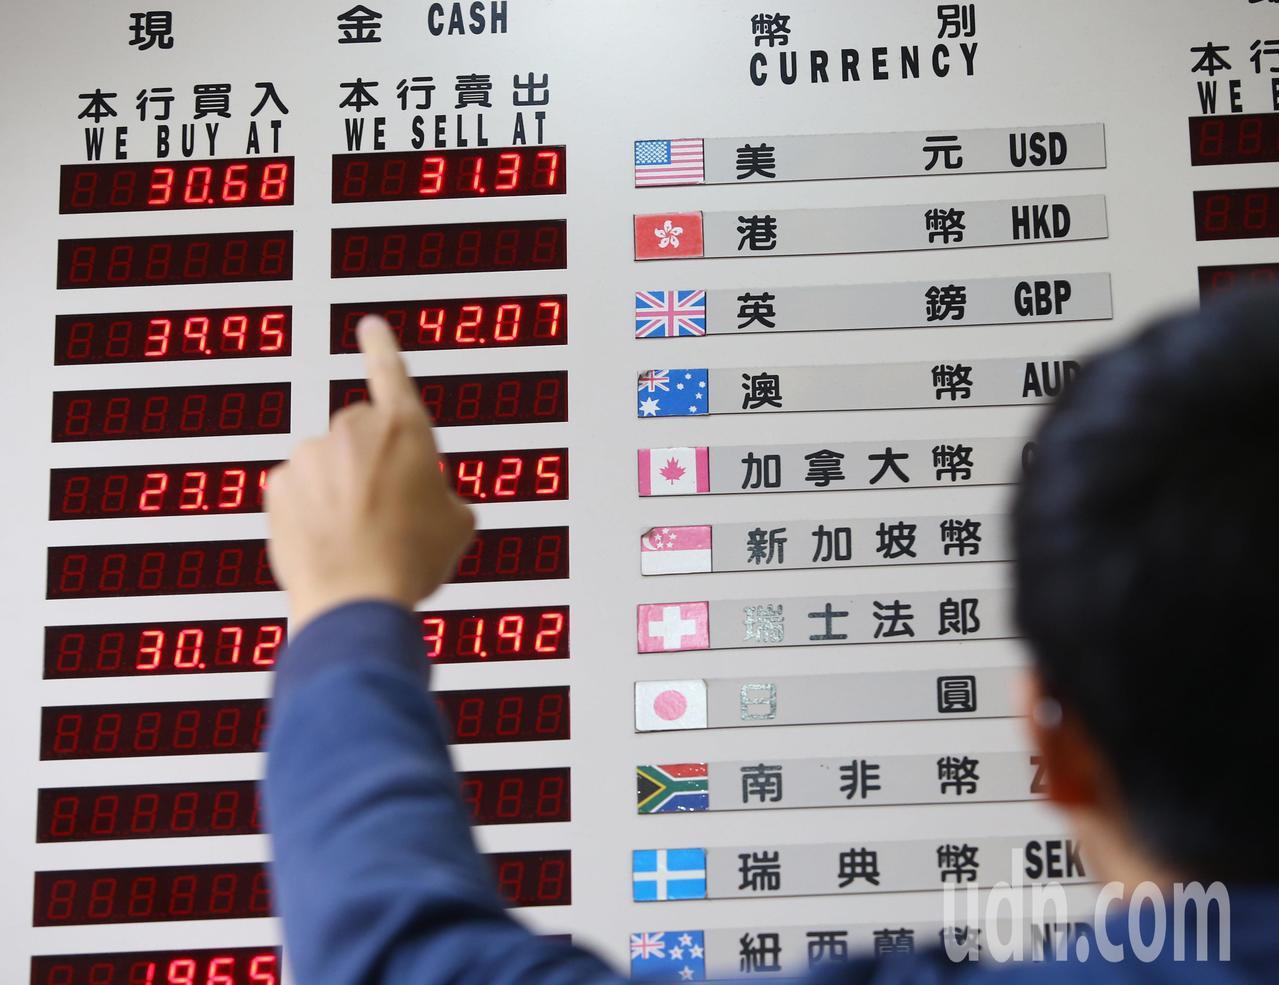 今日新台幣對美元匯率貶值,惟新台幣匯率仍維持動態穩定。記者陳柏亨/攝影